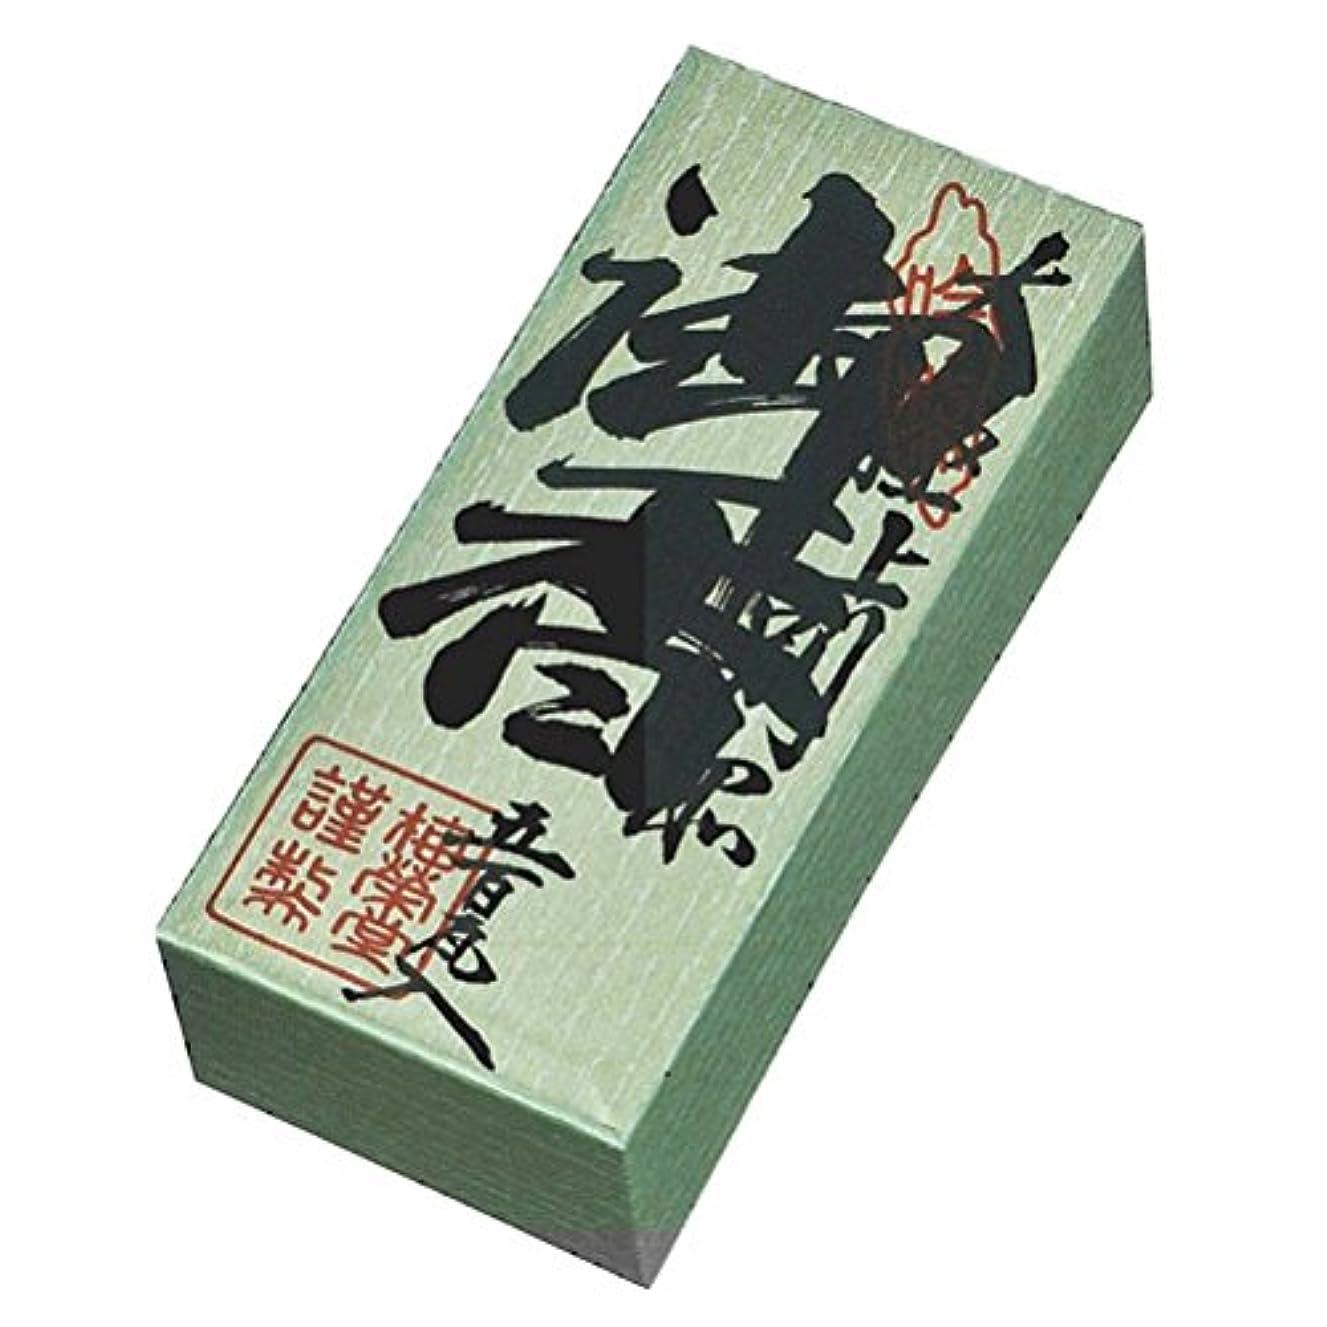 終了するオフセット雑品梅栄印 500g 紙箱入り お焼香 梅栄堂